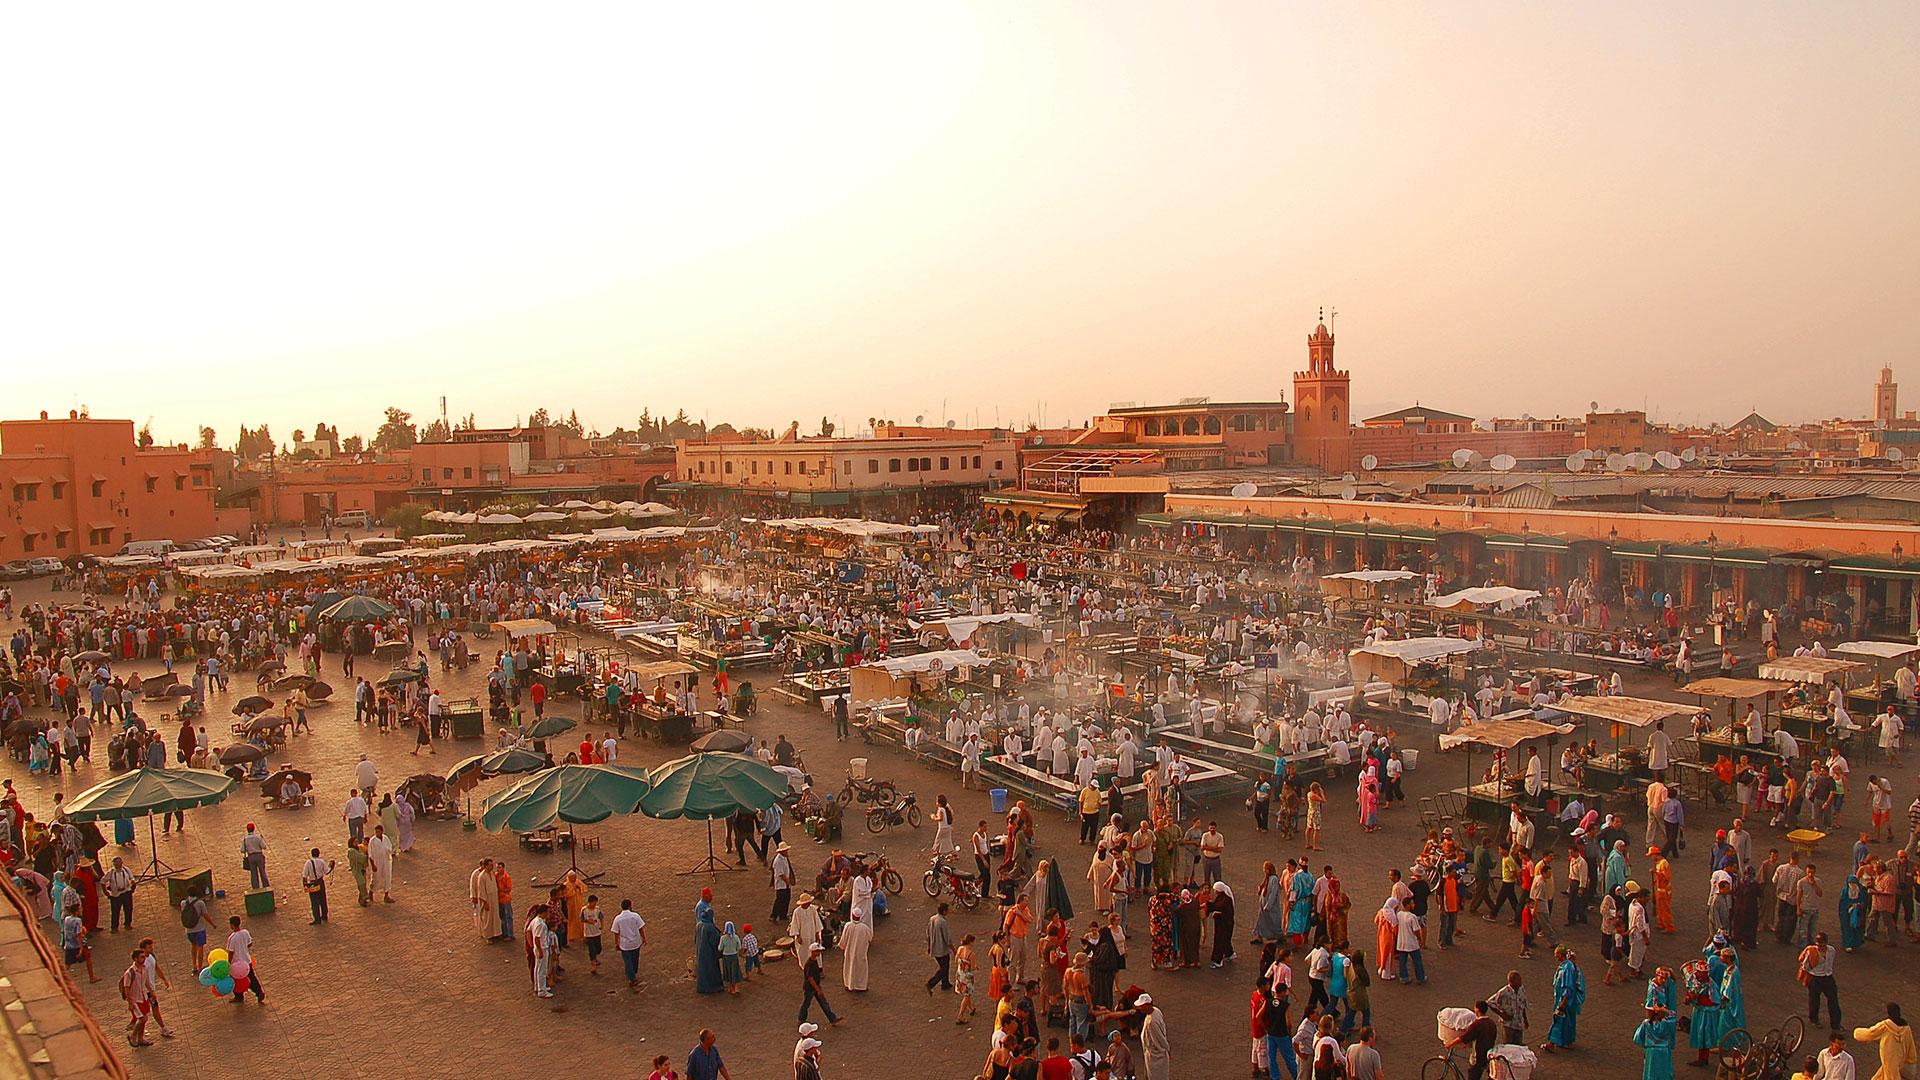 Marrakech hero asset